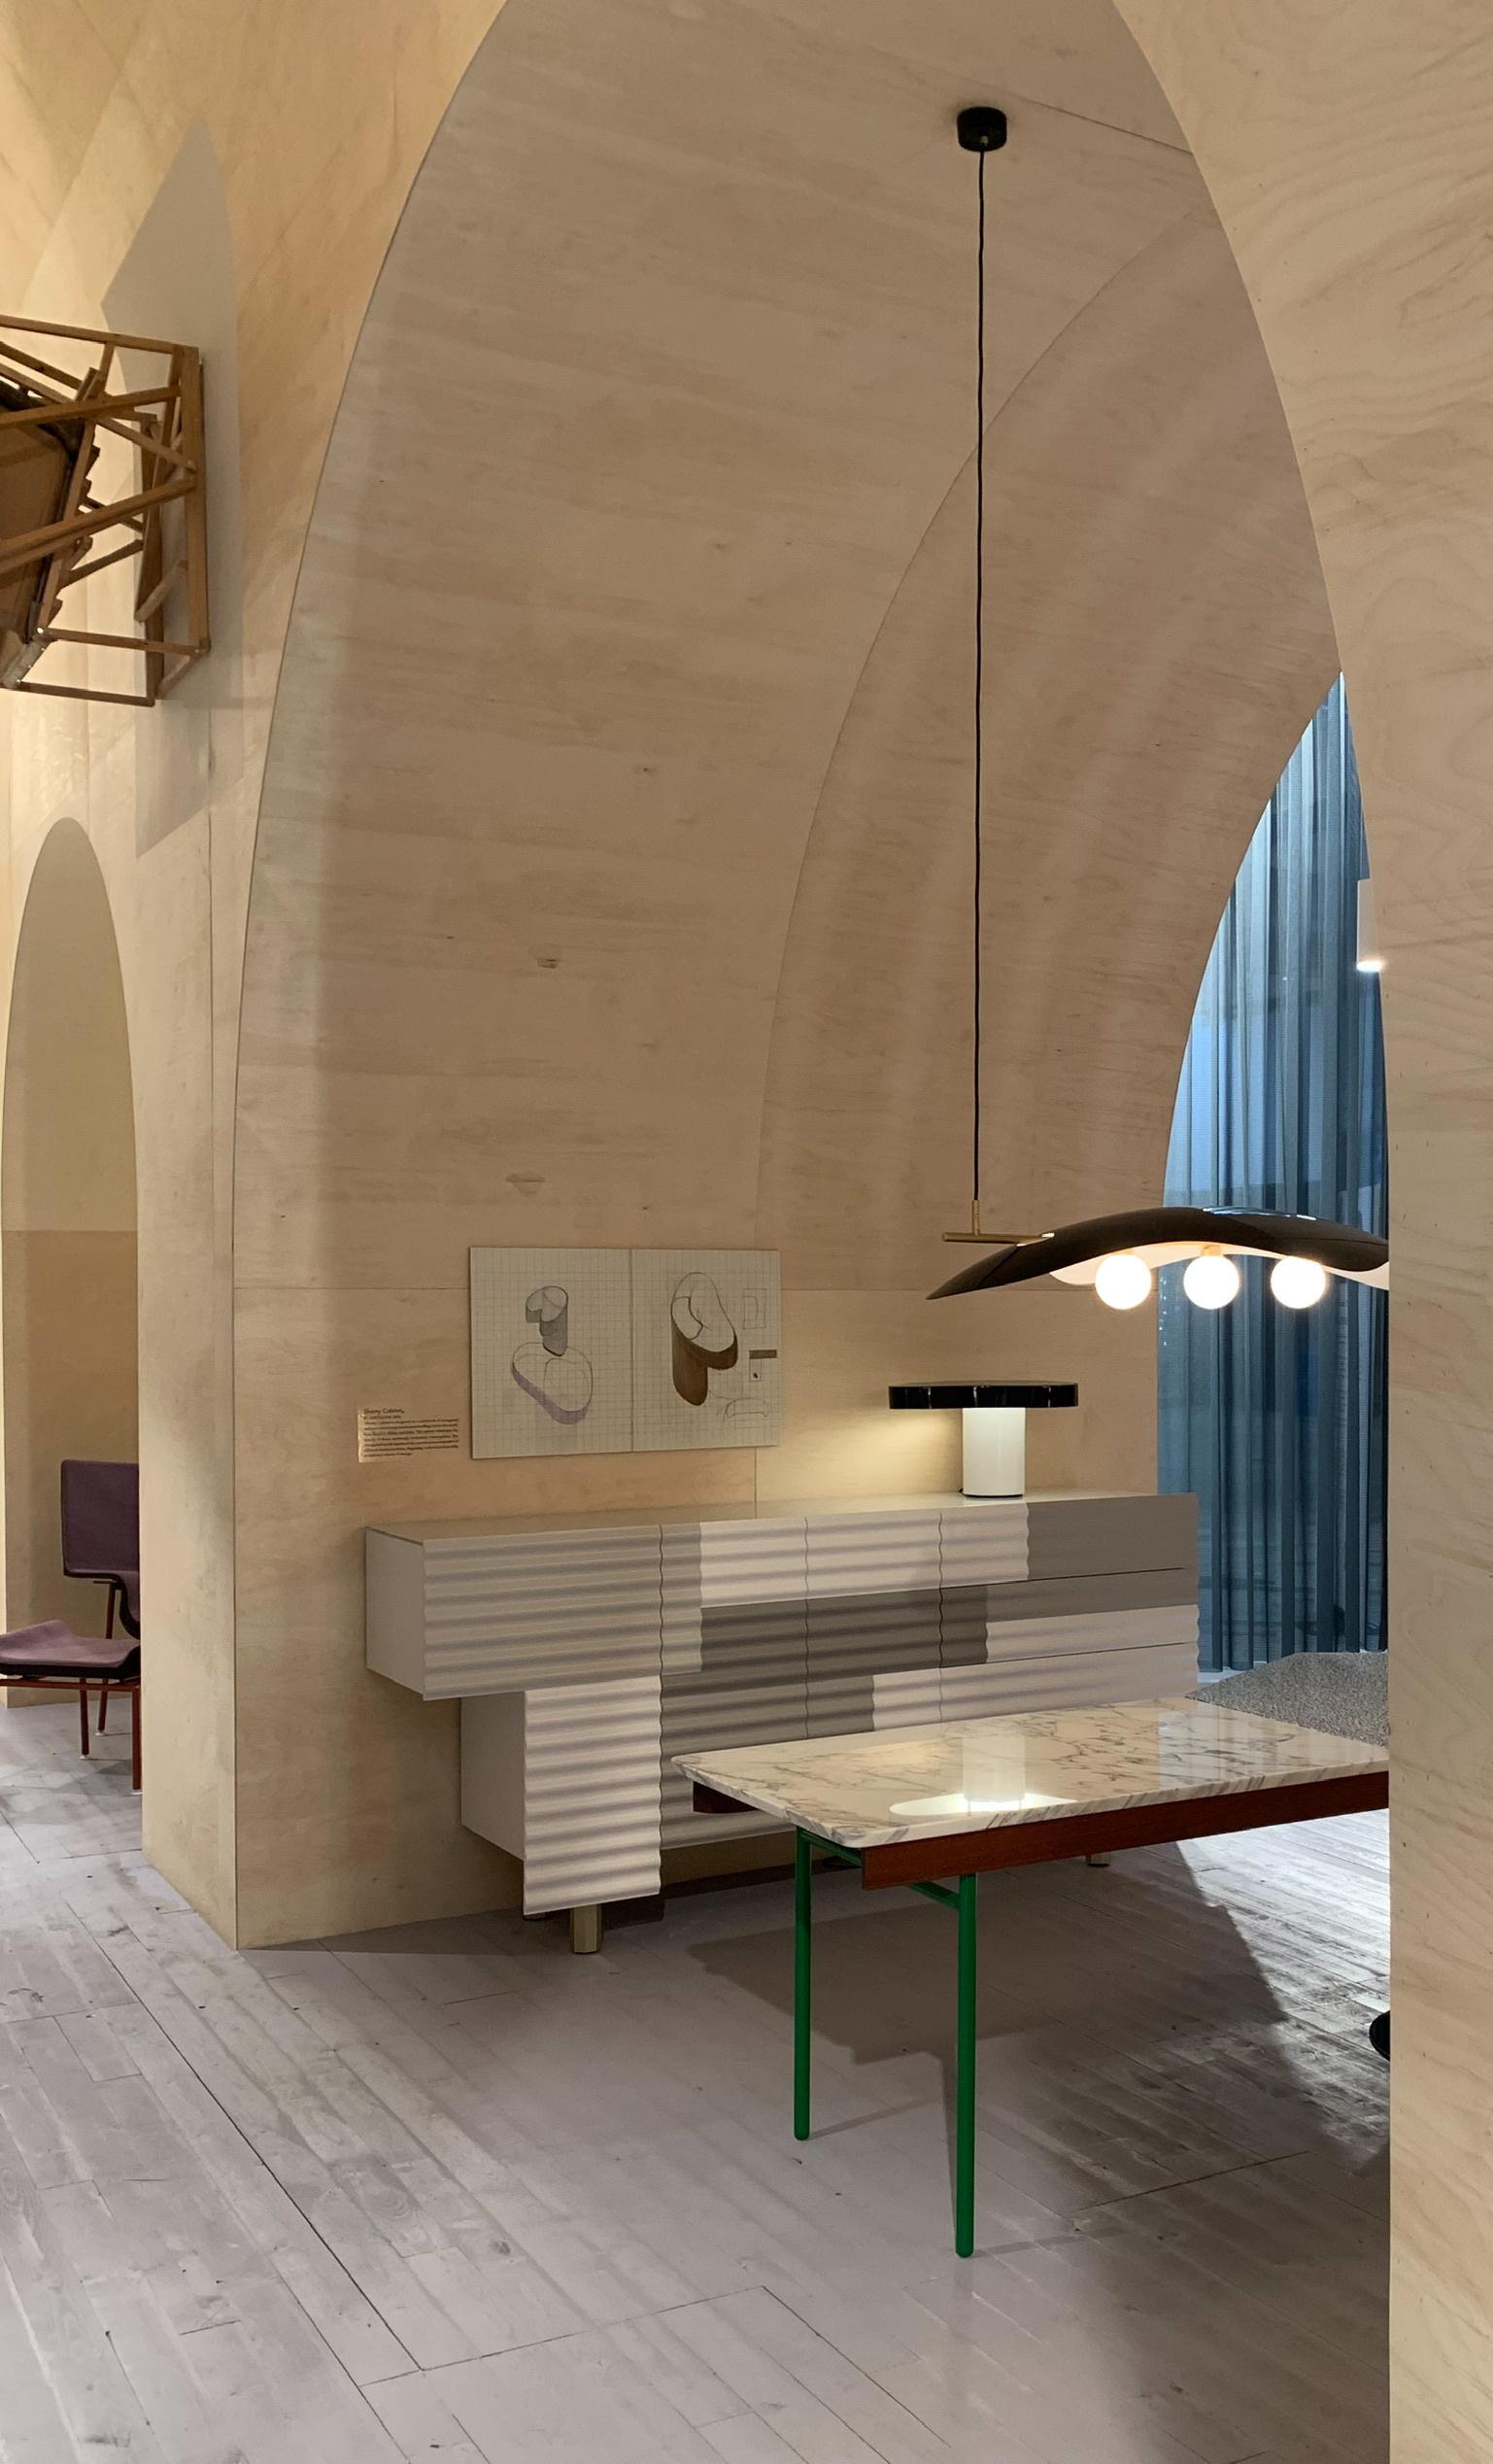 Неделя дизайна в Стокгольме 2020: блог бюро P+Z (галерея 8, фото 5)